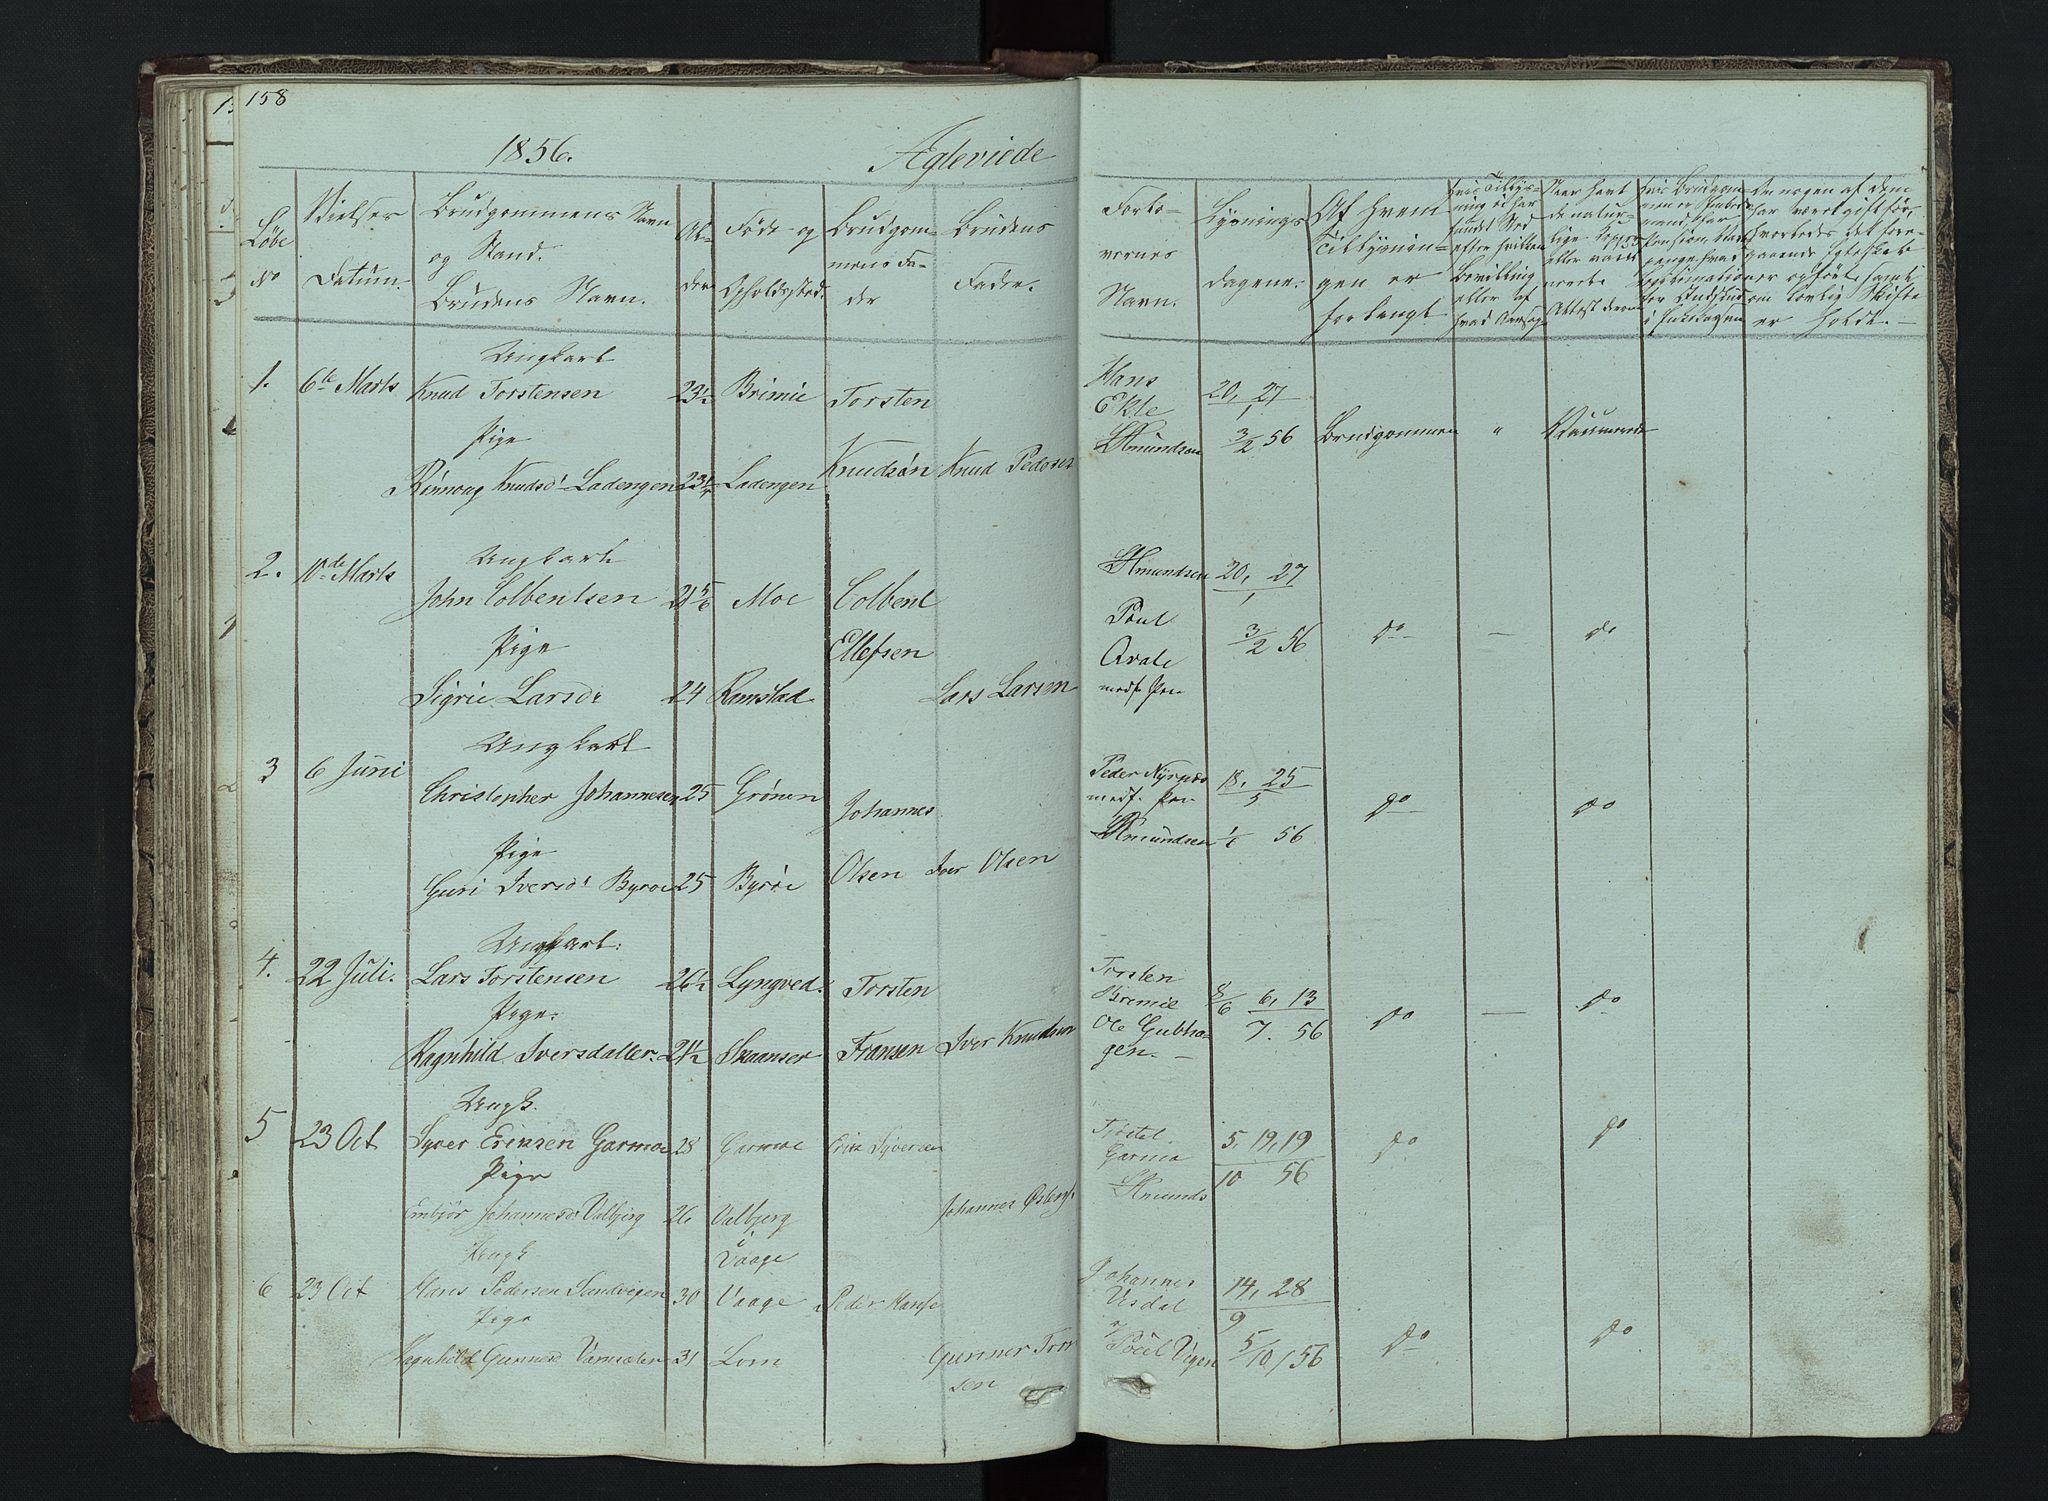 SAH, Lom prestekontor, L/L0014: Klokkerbok nr. 14, 1845-1876, s. 158-159